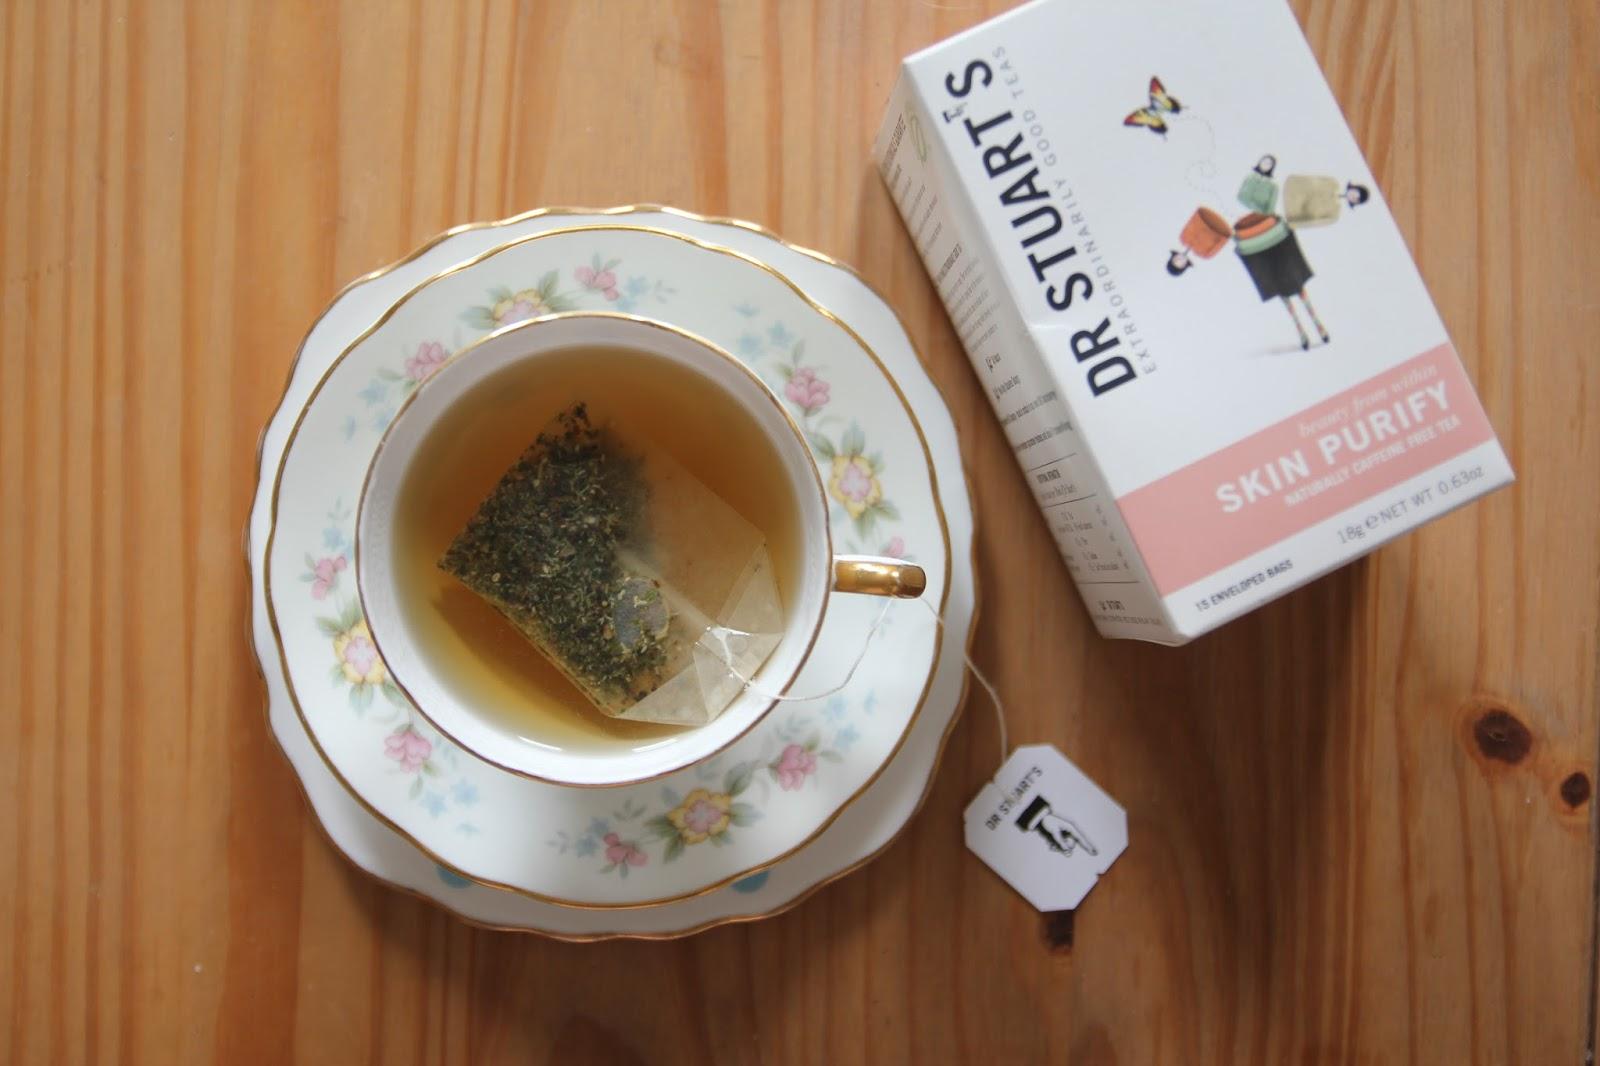 dr stuart slim plus tea review